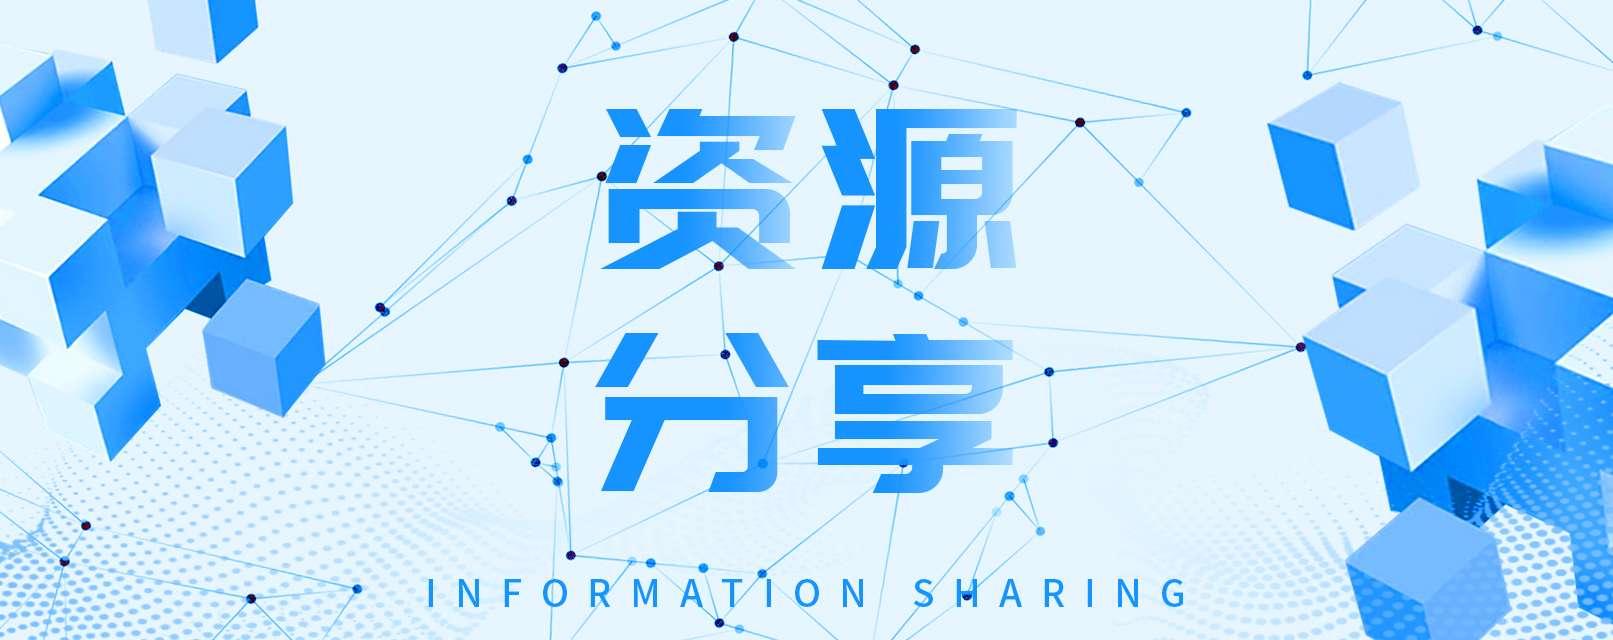 【资源分享】简拼(vip破解版)——拥有多种模块的拼图软件